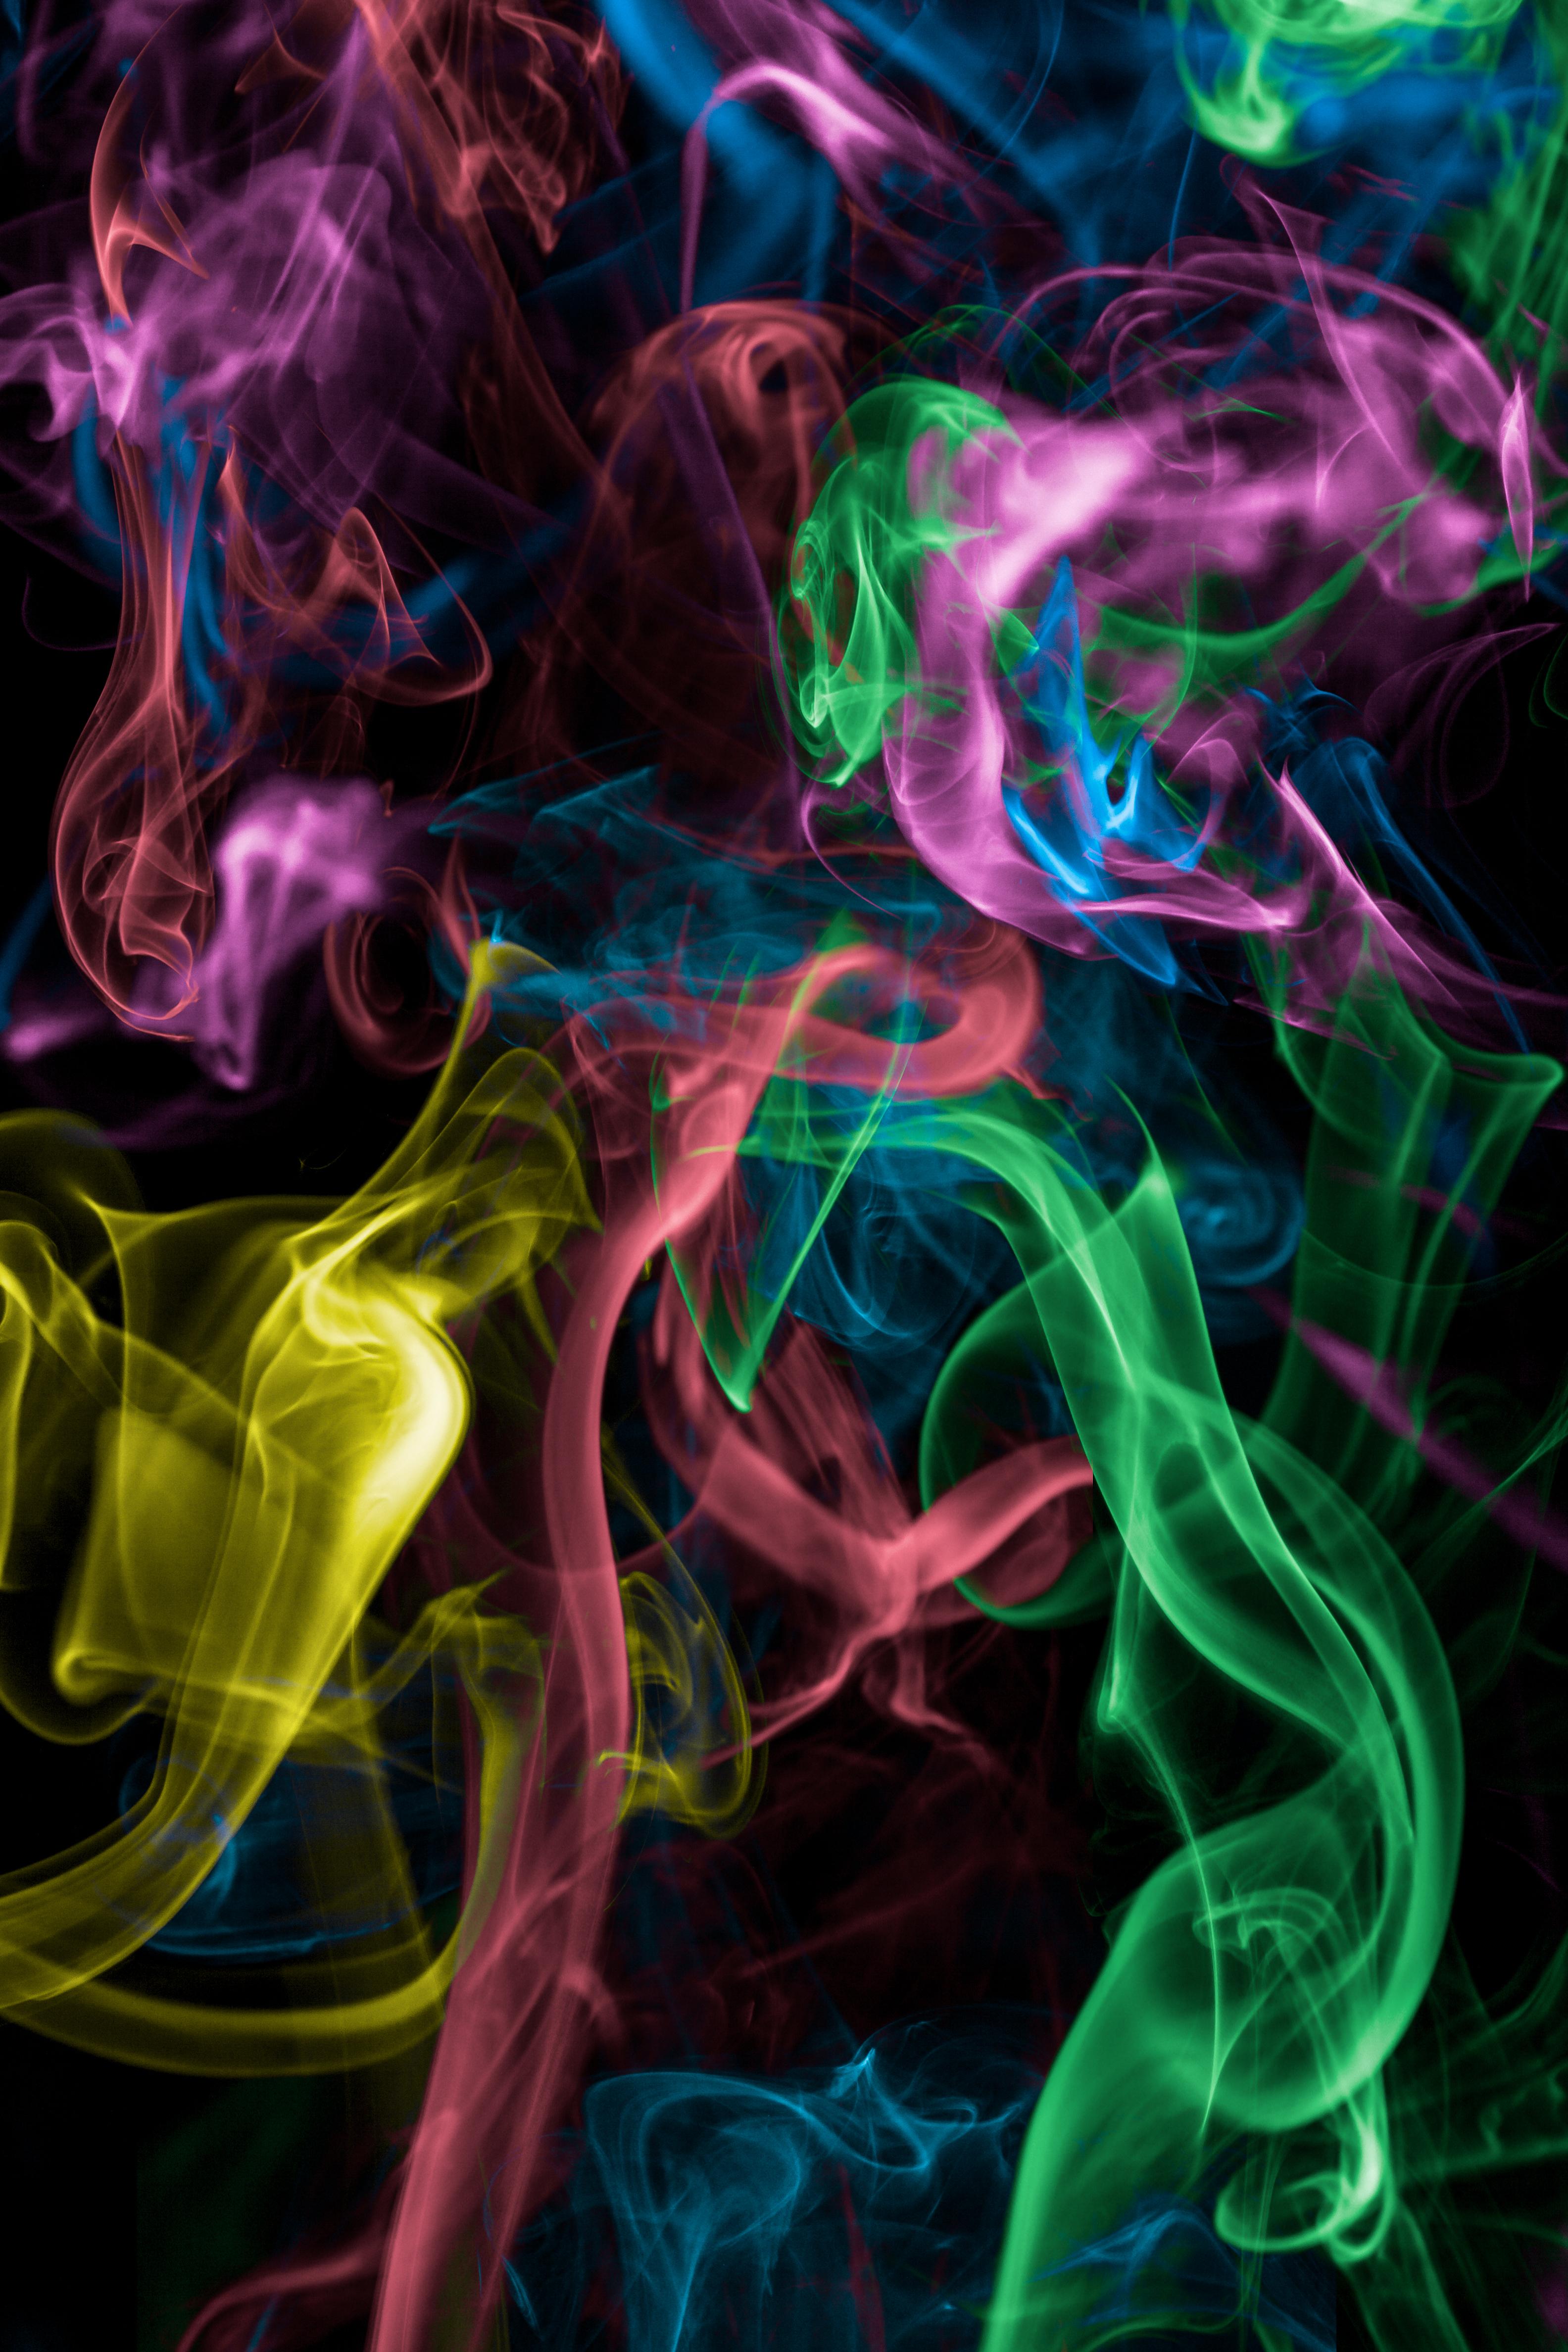 52969 télécharger le fond d'écran Abstrait, Fumée Colorée, Multicolore, Hétéroclite, Sombre, Fumée - économiseurs d'écran et images gratuitement